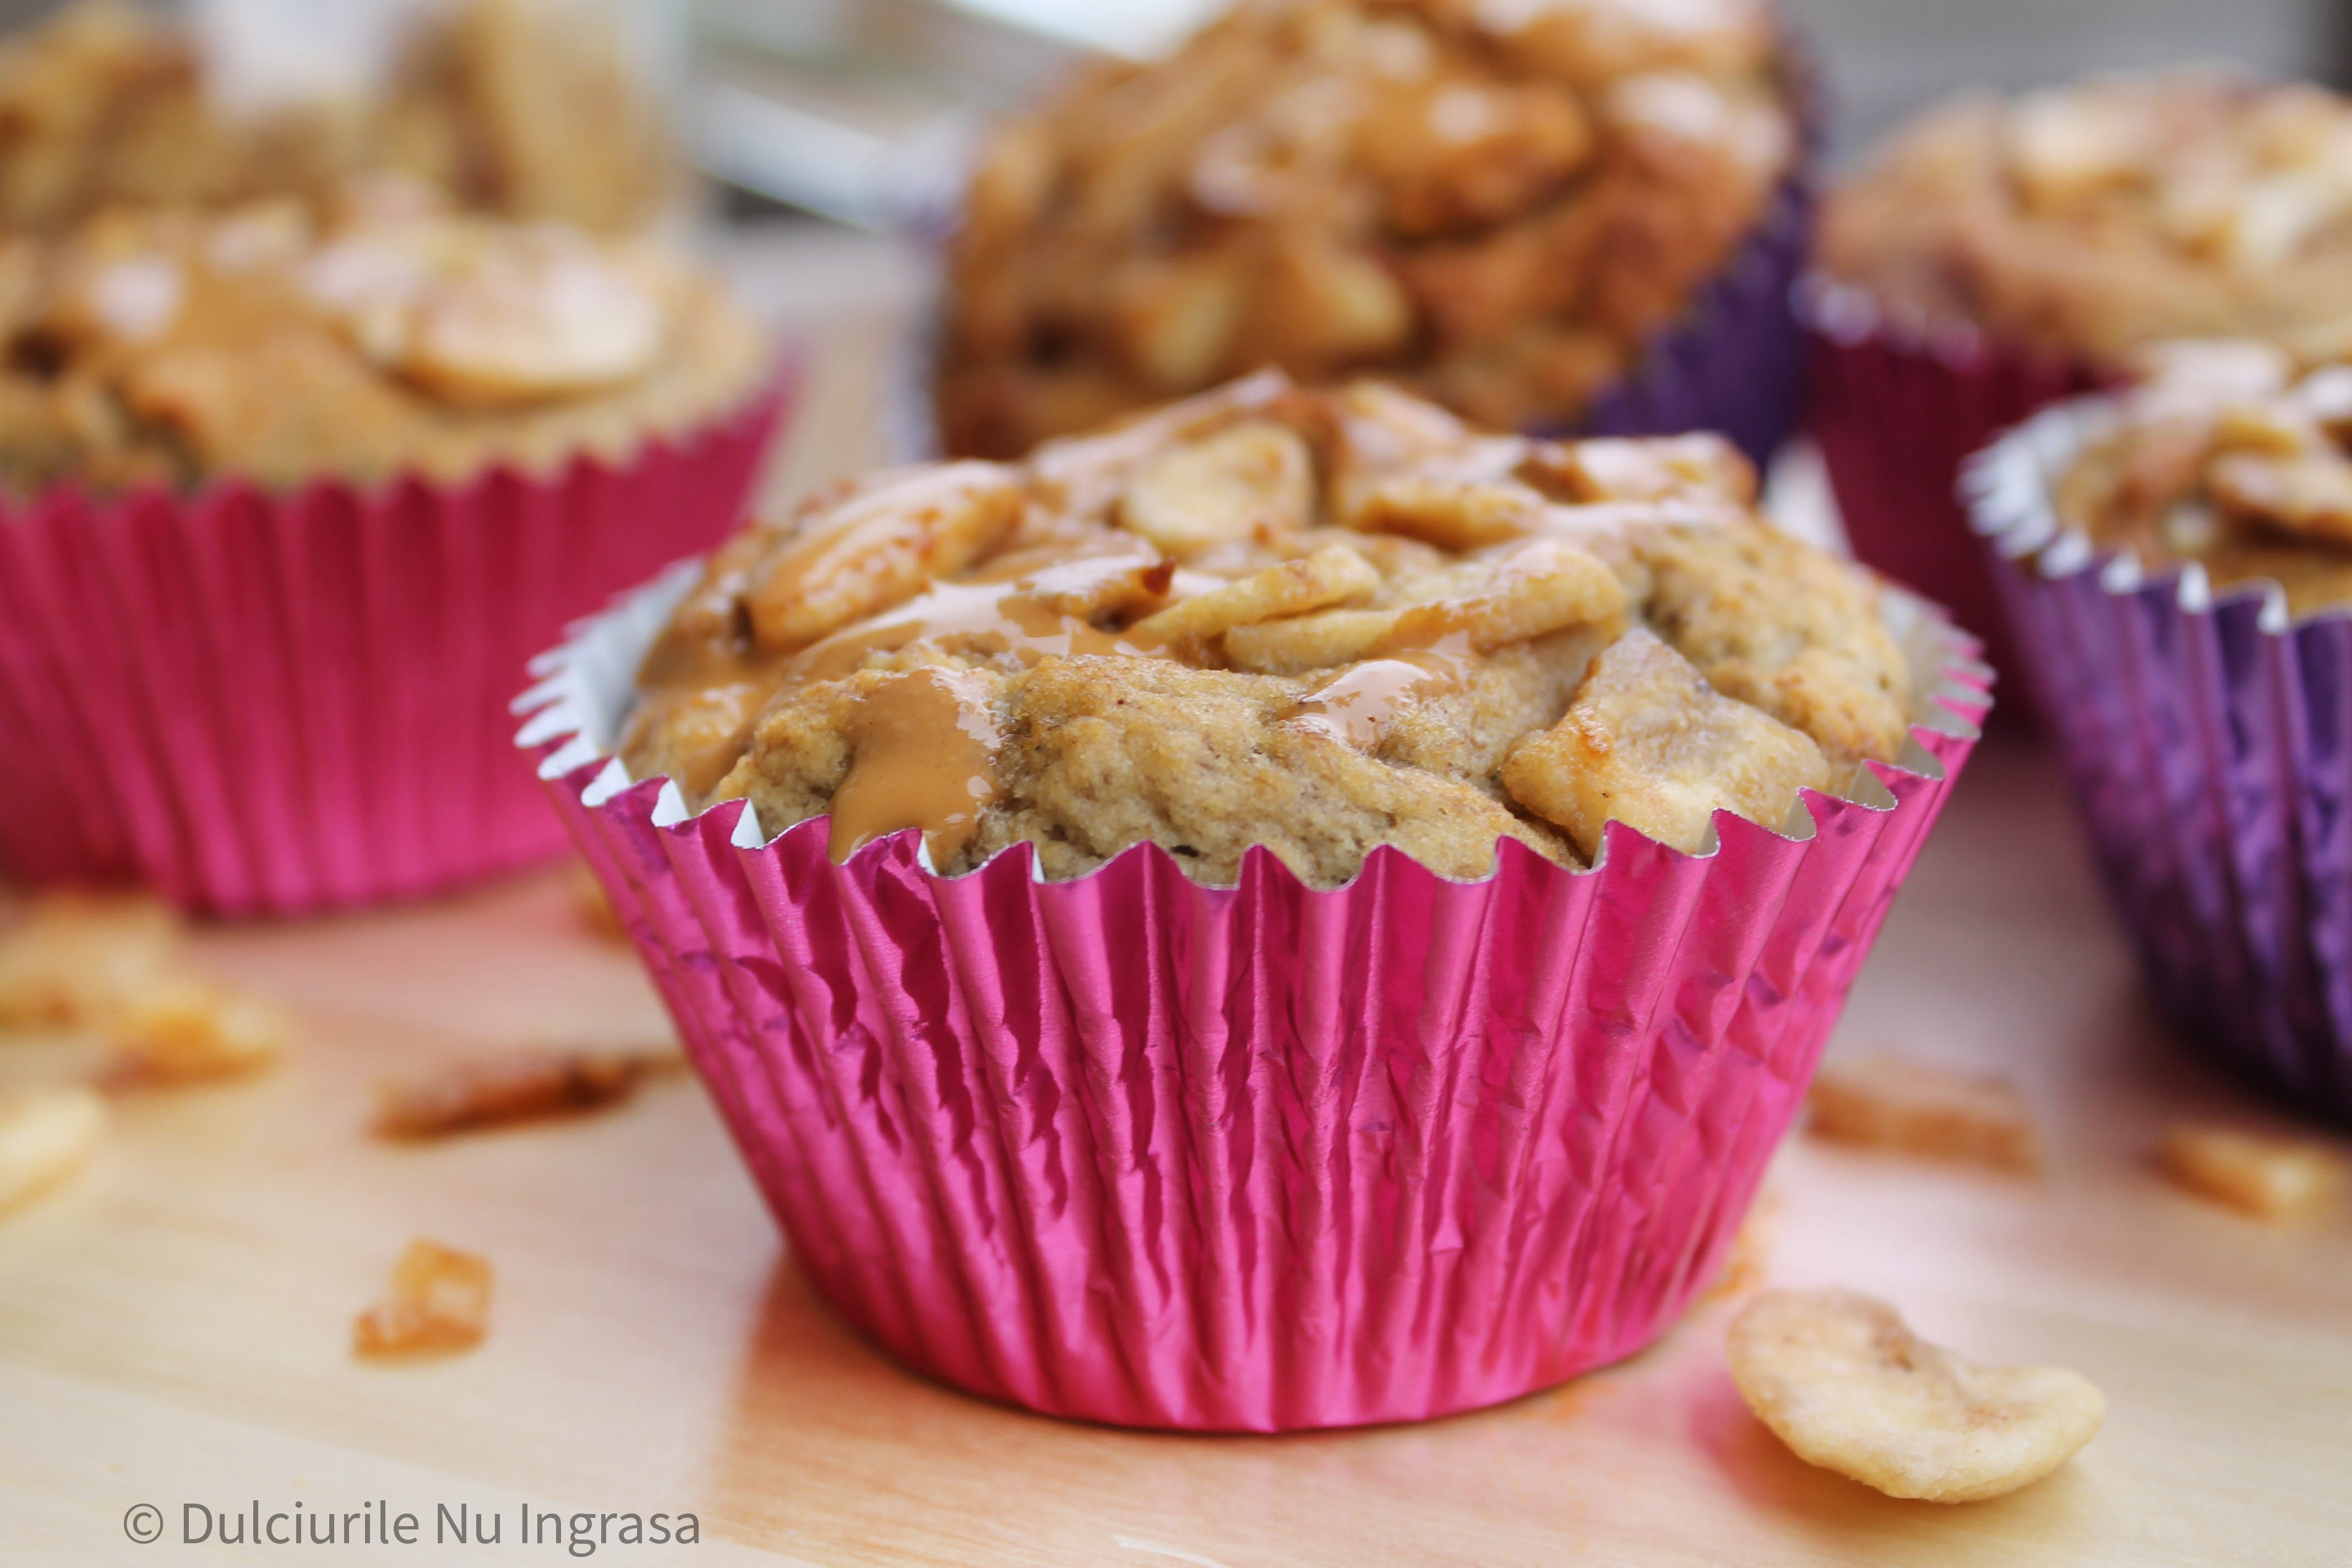 Briose fara zahar, sanatoase si proteice | Sugar free desserts, Dessert recipes, Food